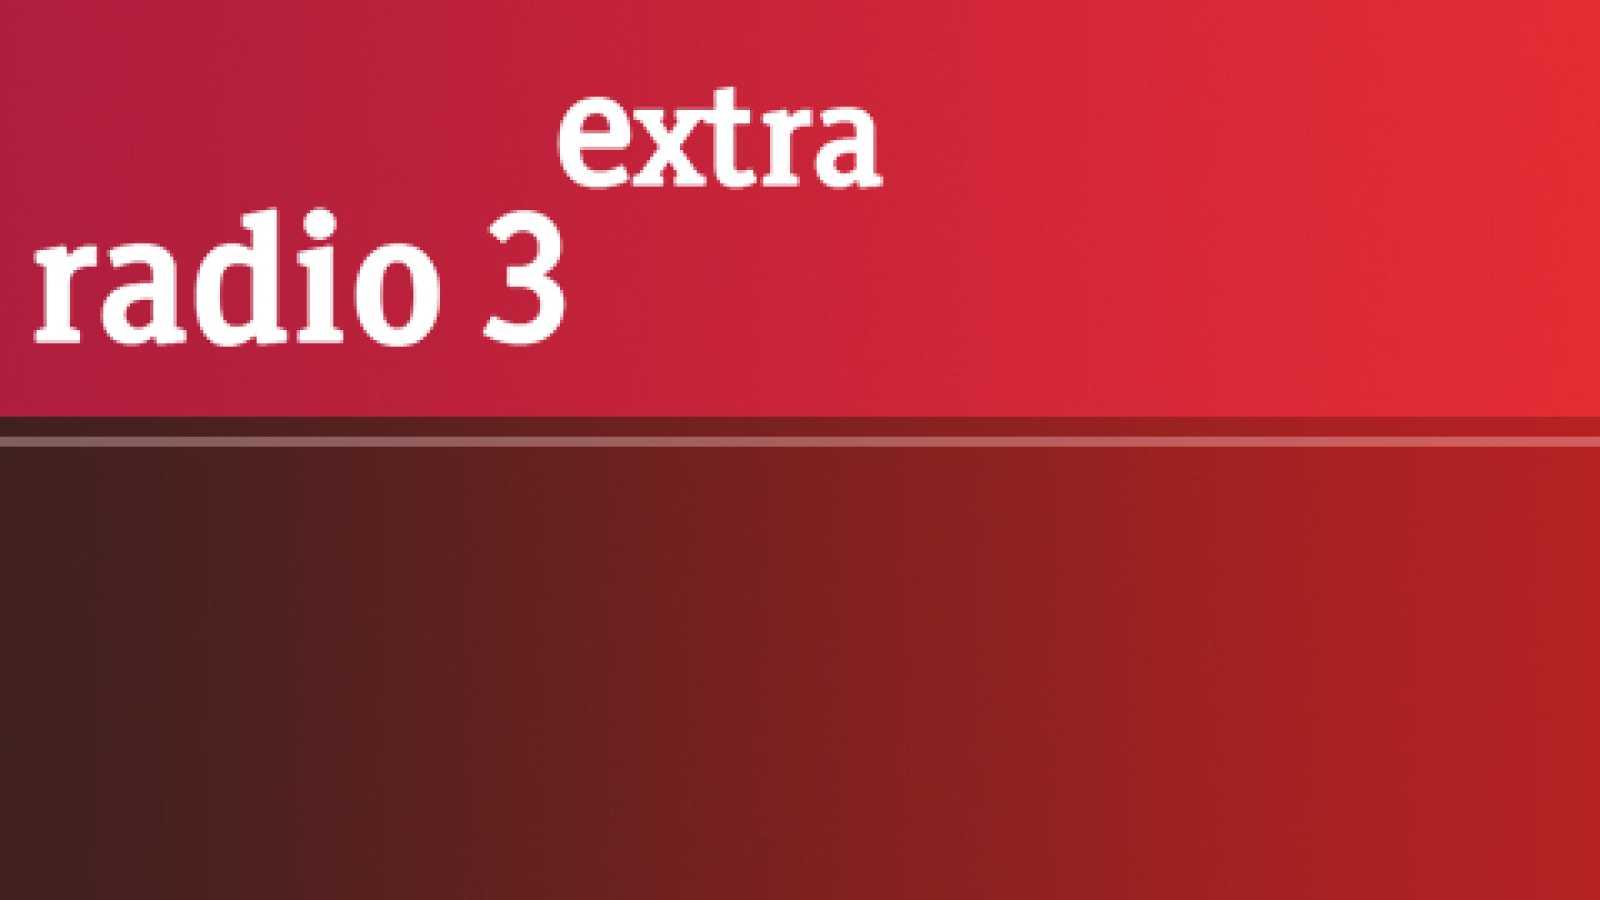 Fiesta de Radio 3 Extra , 1ª parte - 11/02/14 - escuchar ahora